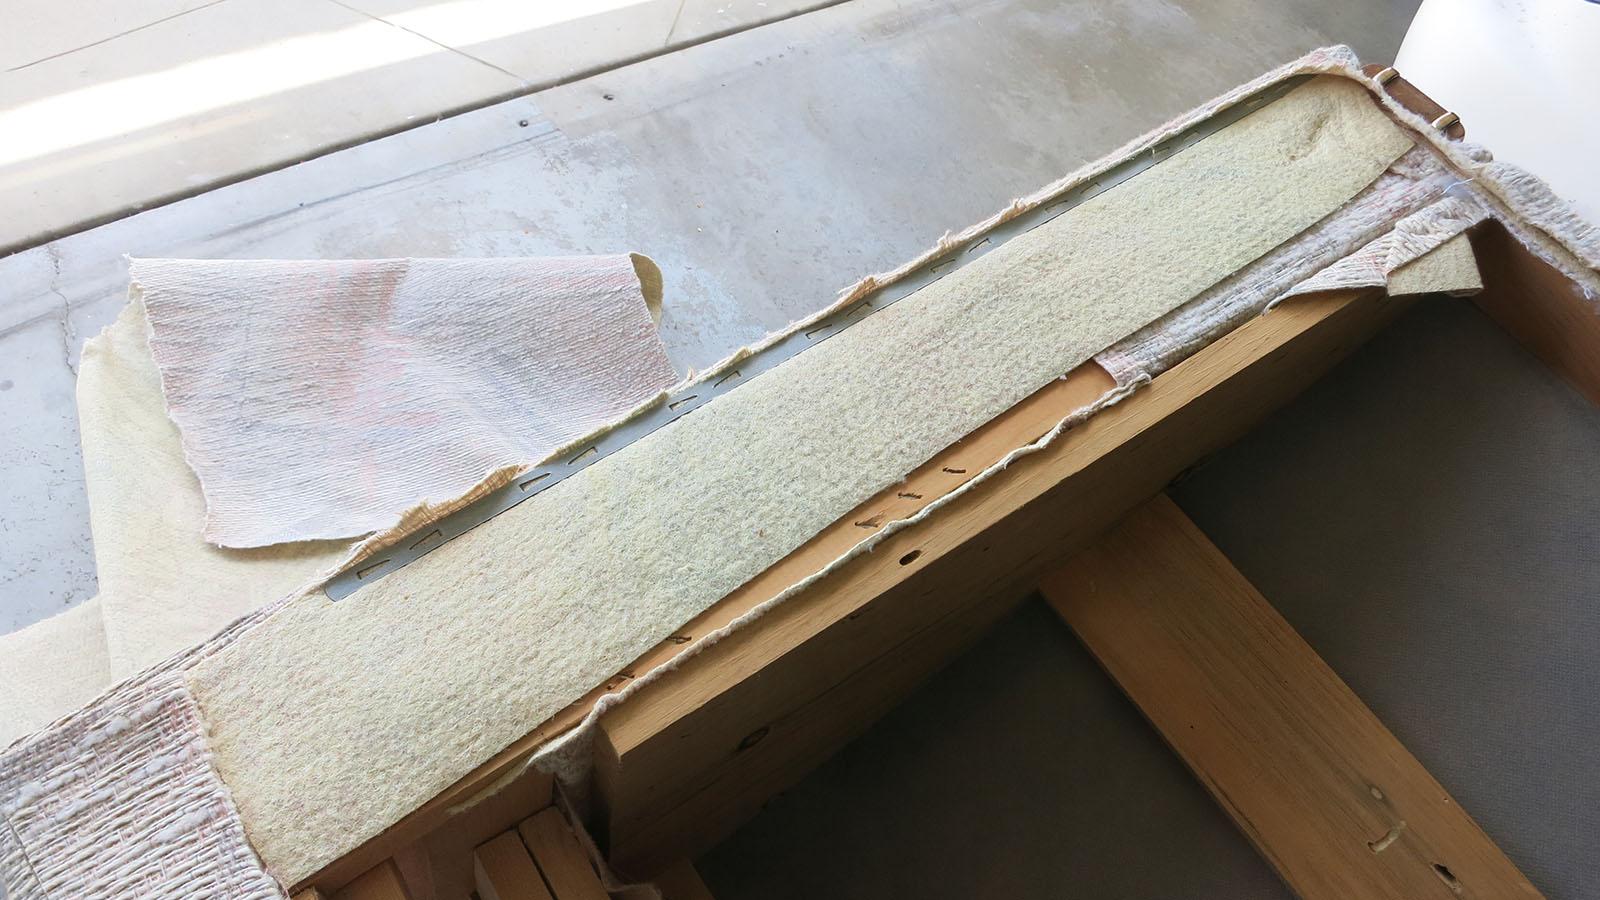 Couch Teardown 11 - fastening strips